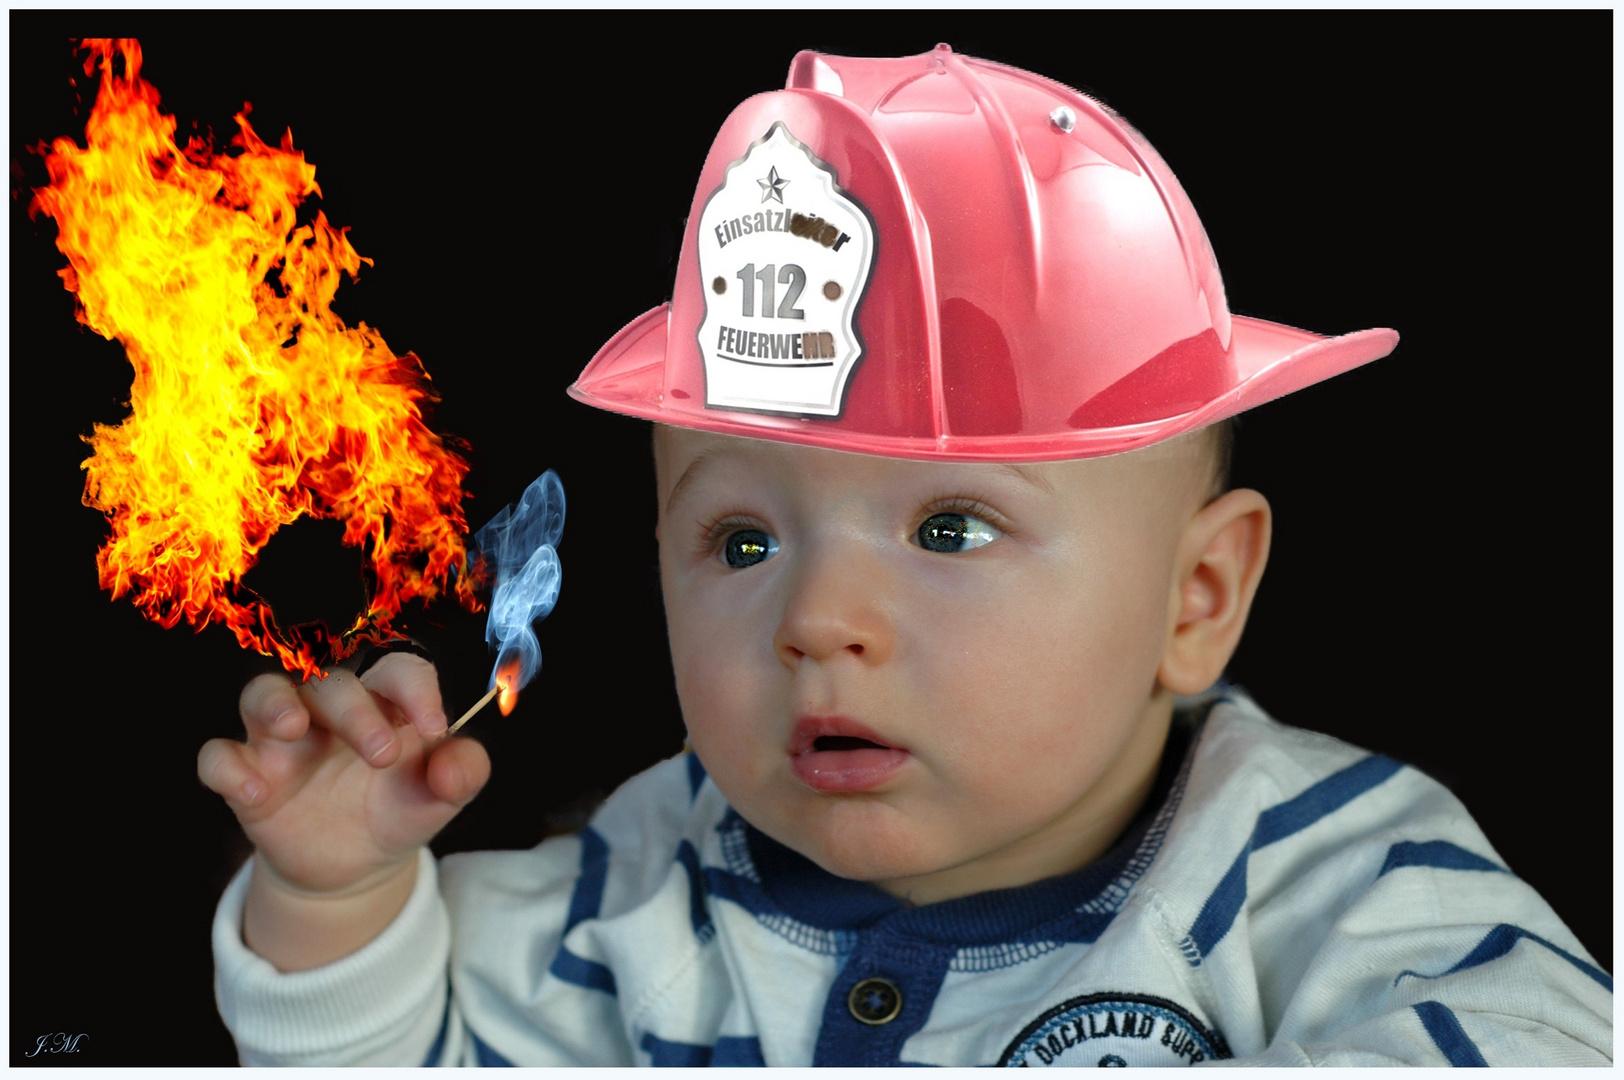 Mein Feuerwehrmann